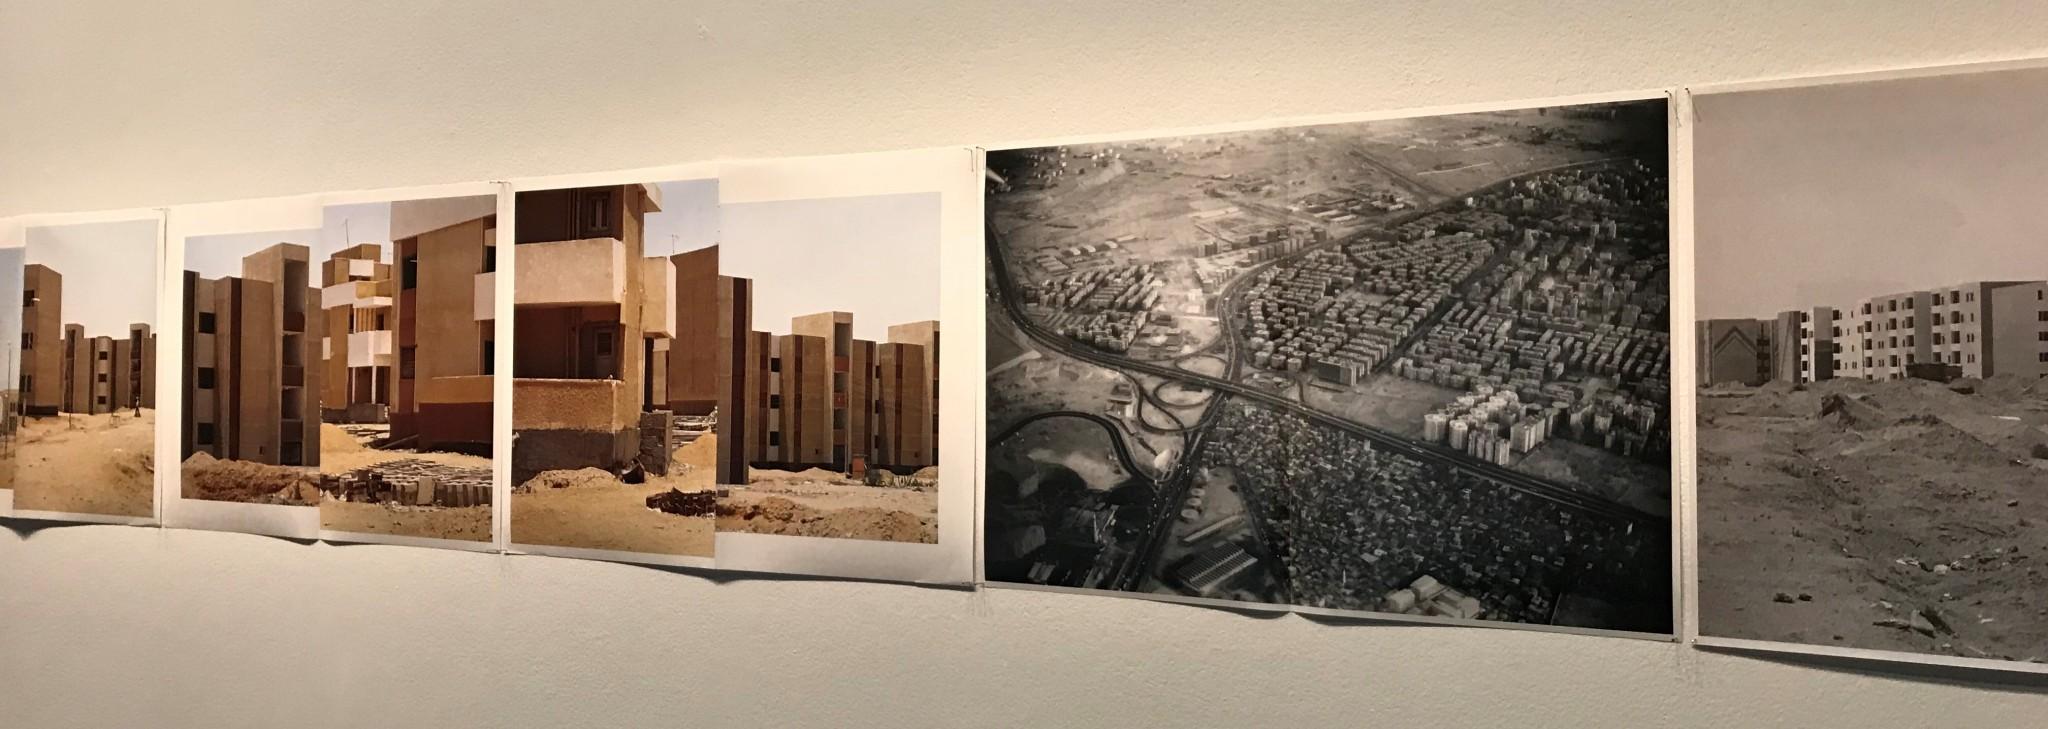 Aglaia Konrad, Desert Cities, impressions digitale sur carton sans acide, 110 x 160 cm, 2007-2009